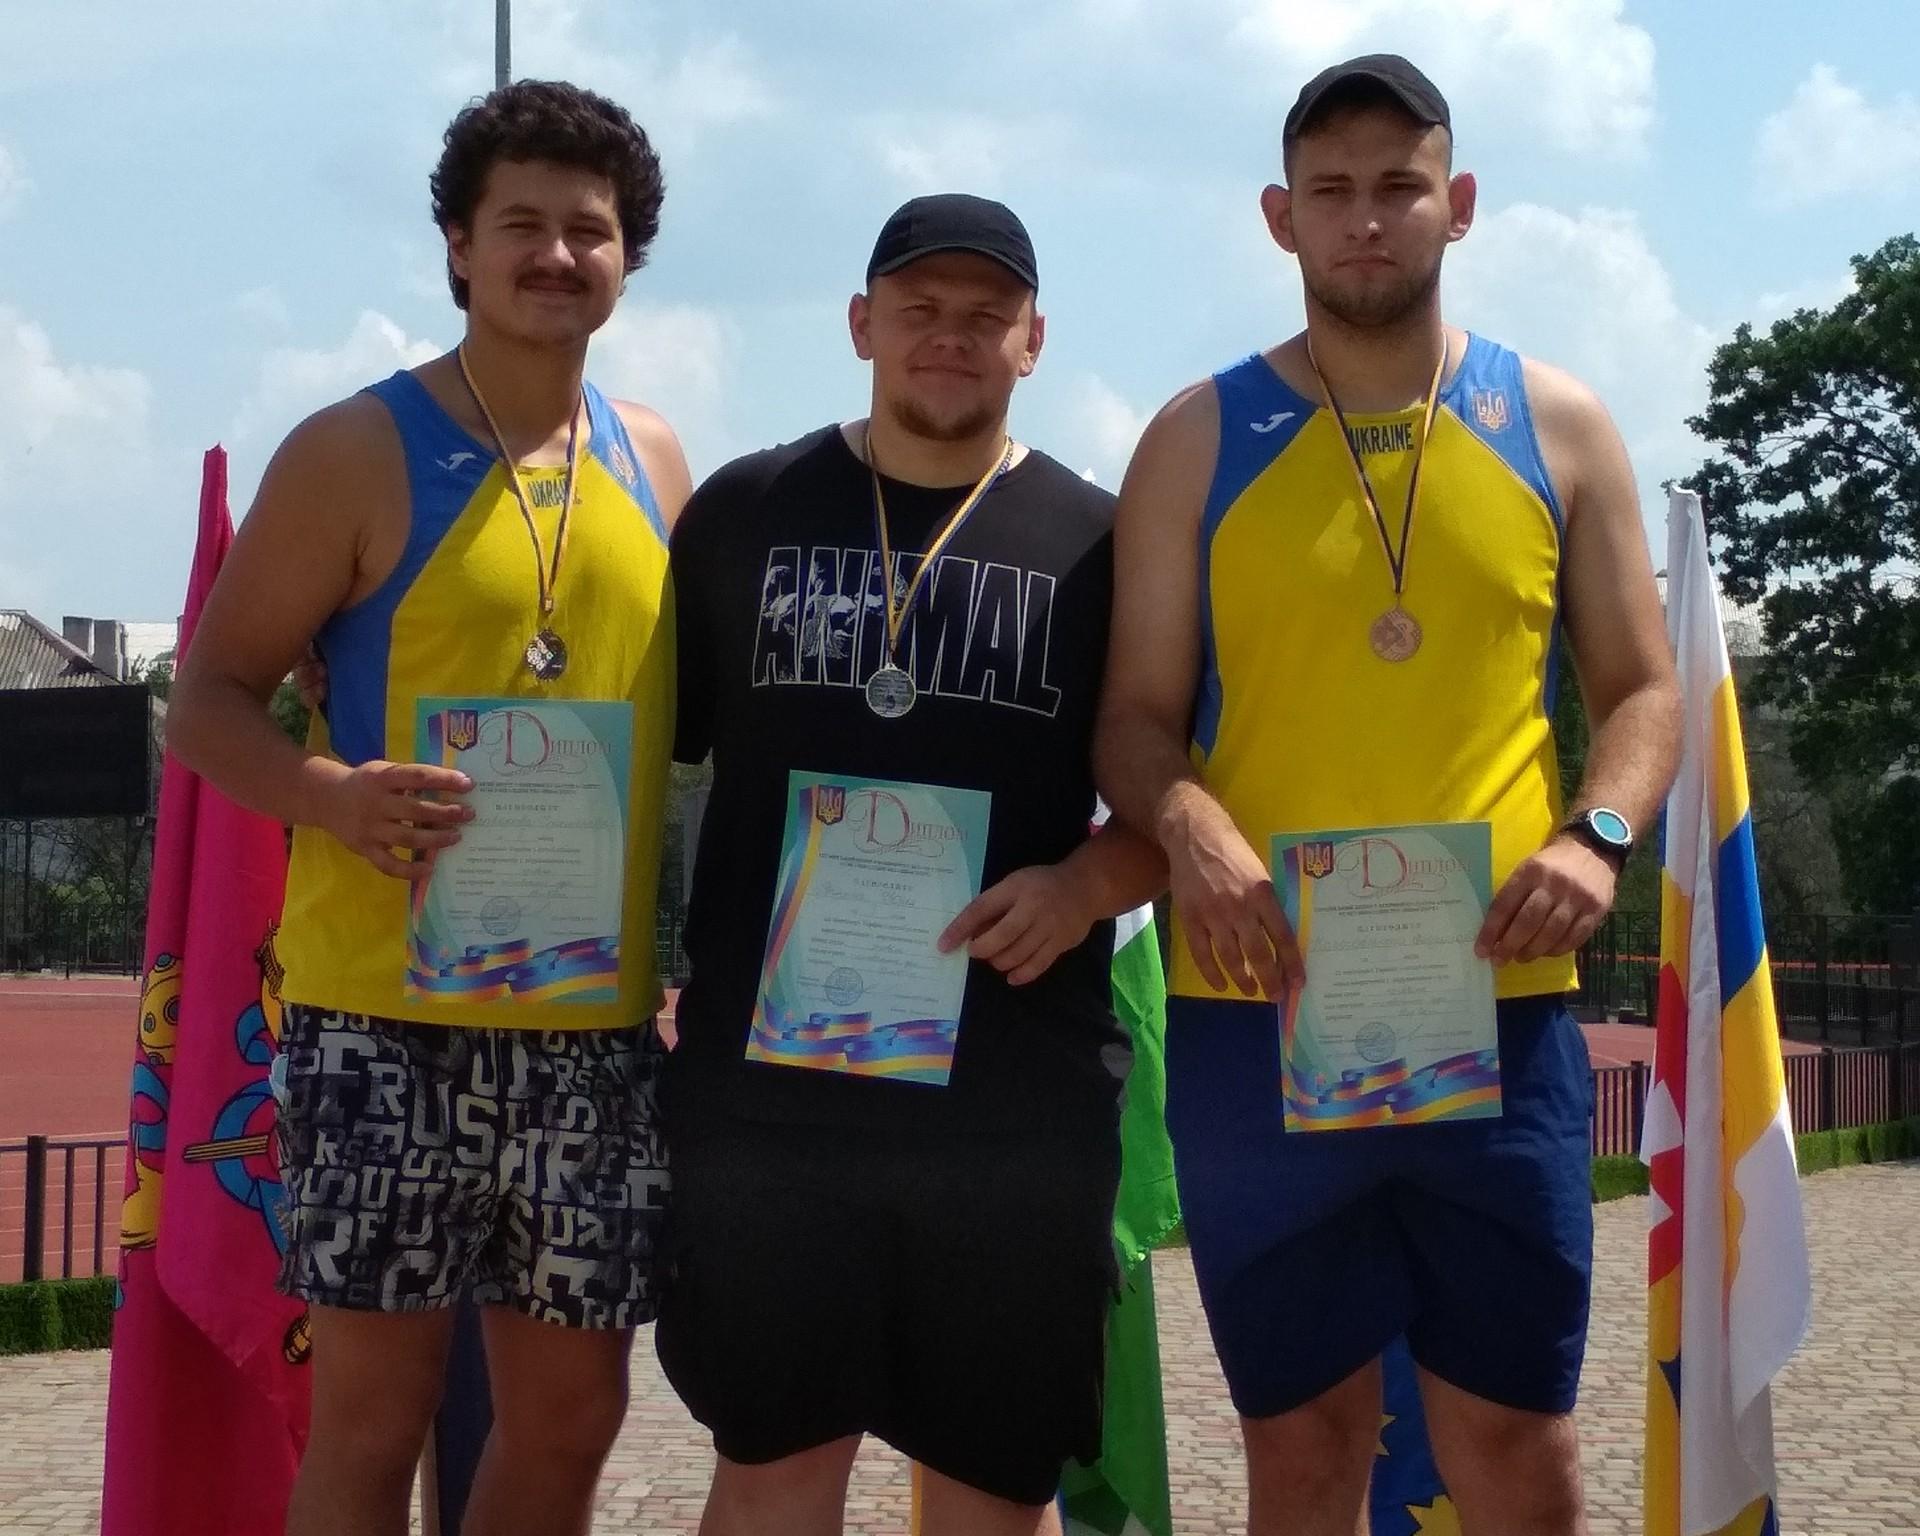 Чернігівець став чемпіоном зі штовхання ядра серед спортсменів з порушеннями слуху